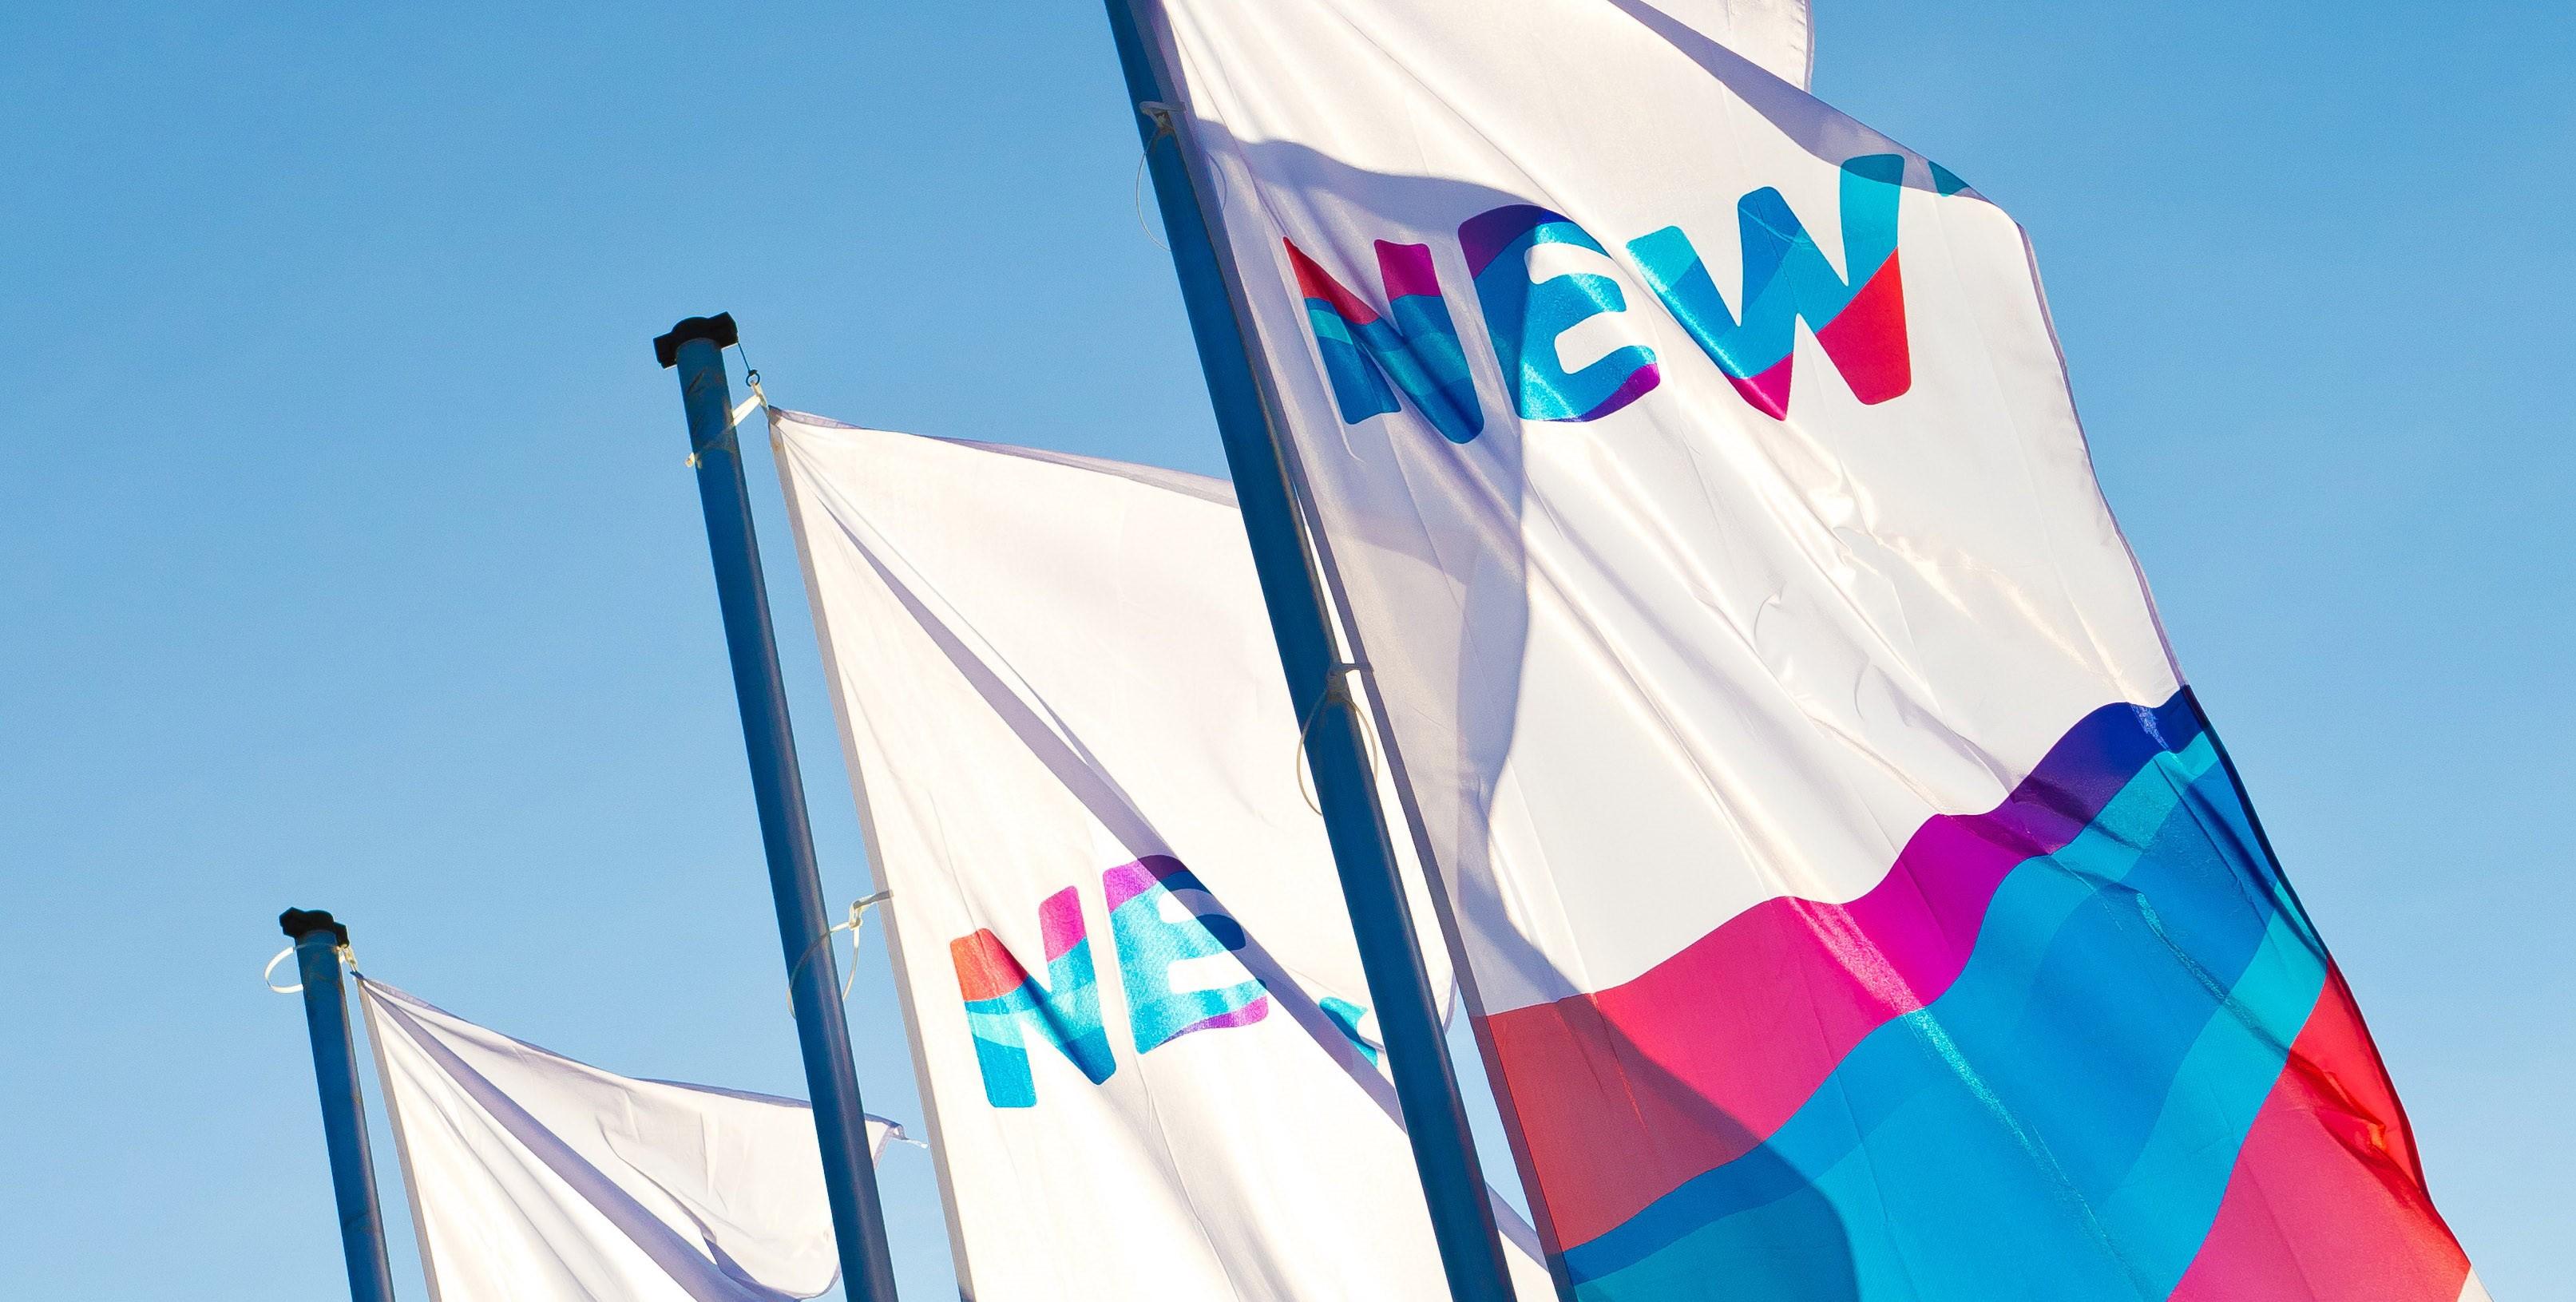 Workforcemanagement und Betriebsmittelinformation für NEW Netz GmbH mit SAMO von Asseco